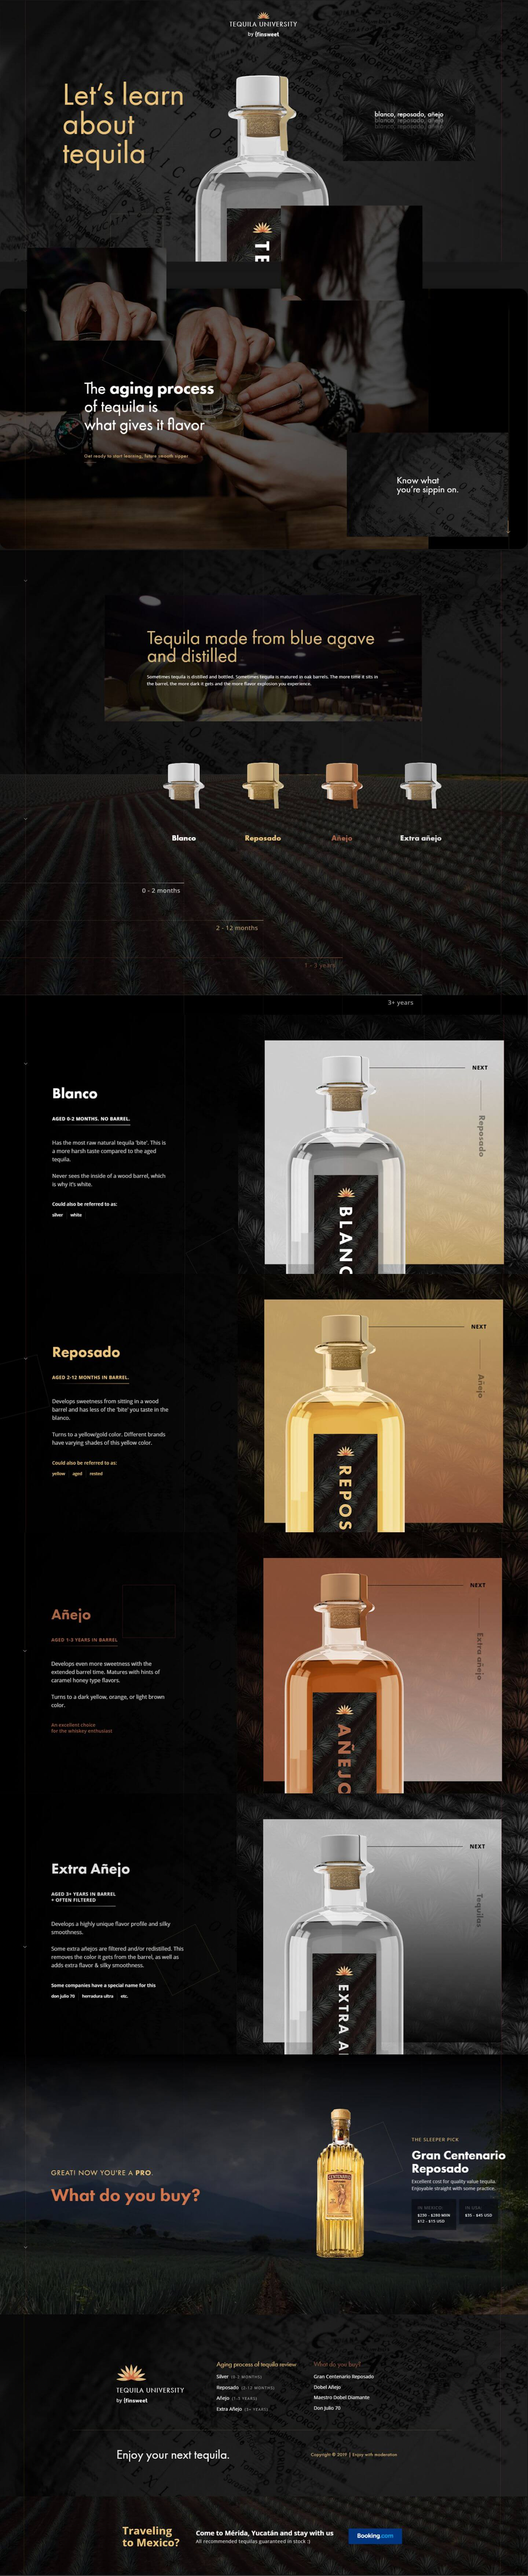 Finsweet Webflow development for Tequila University